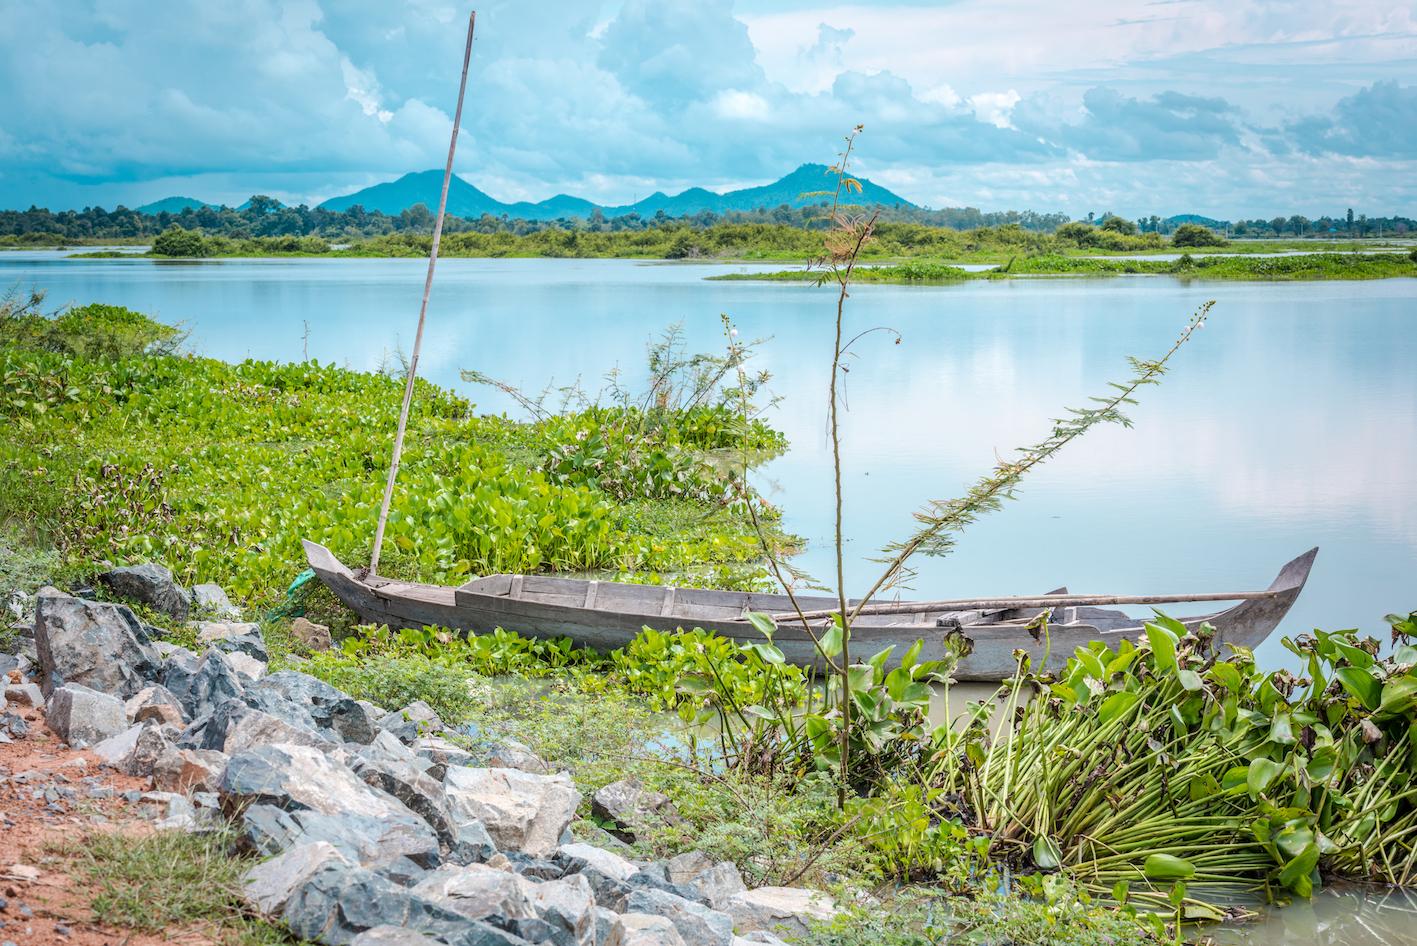 Une barque surplombe une large étendue d'eau causée par la pluie. Le paysage vert ressort.